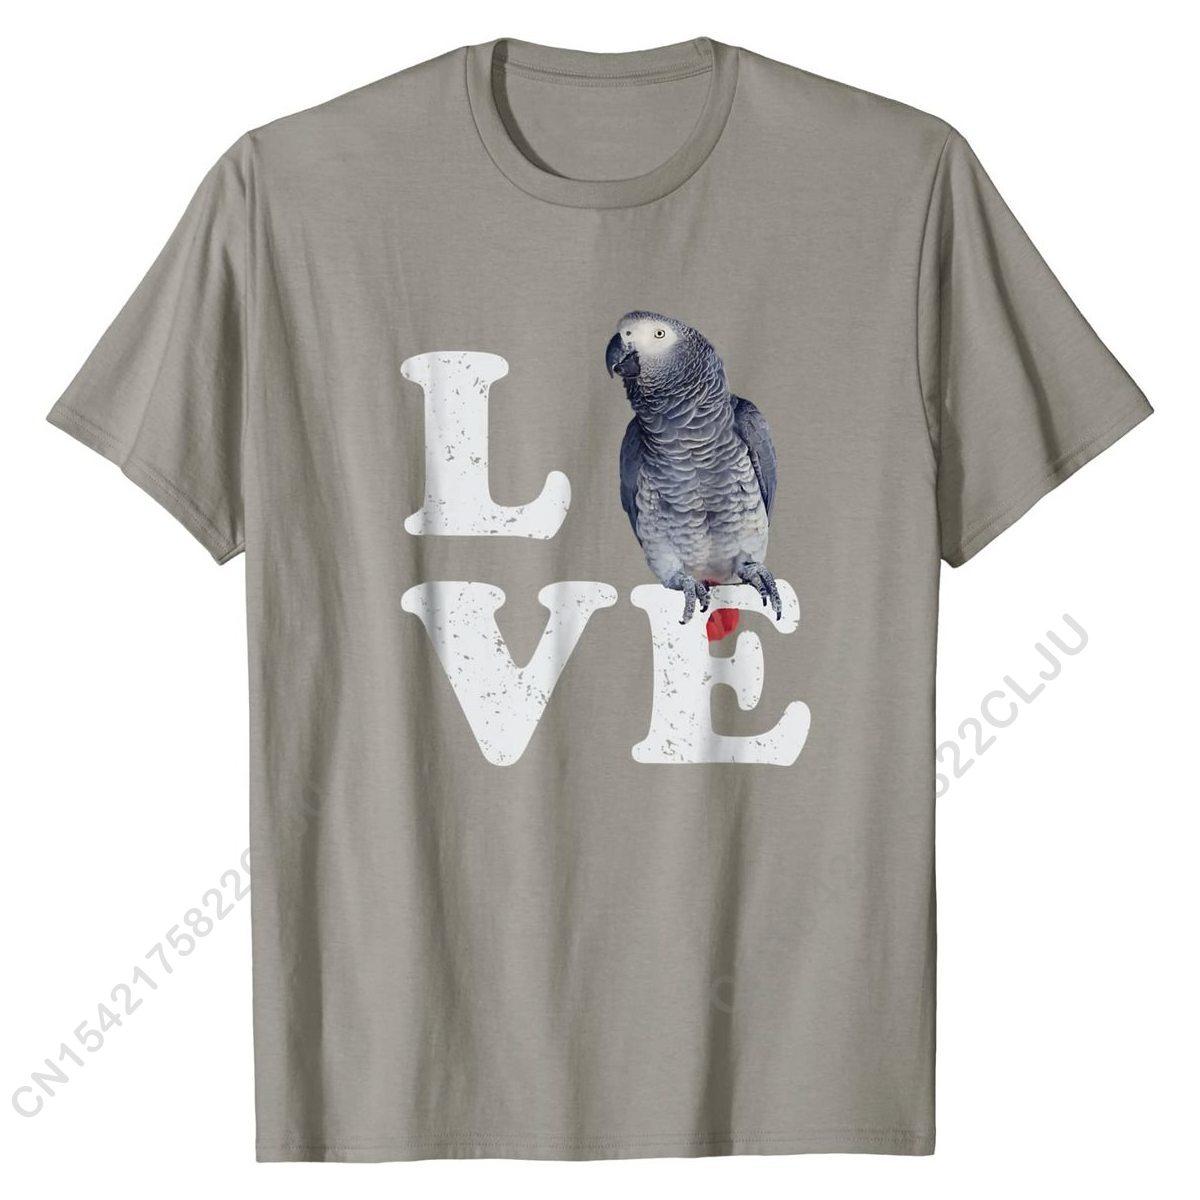 أنا أحب بلدي الأفريقية رمادي الببغاء تي شيرت | عشاق الطيور هدية بلايز قميص Hot البيع كول القطن الرجال تي شيرت كول